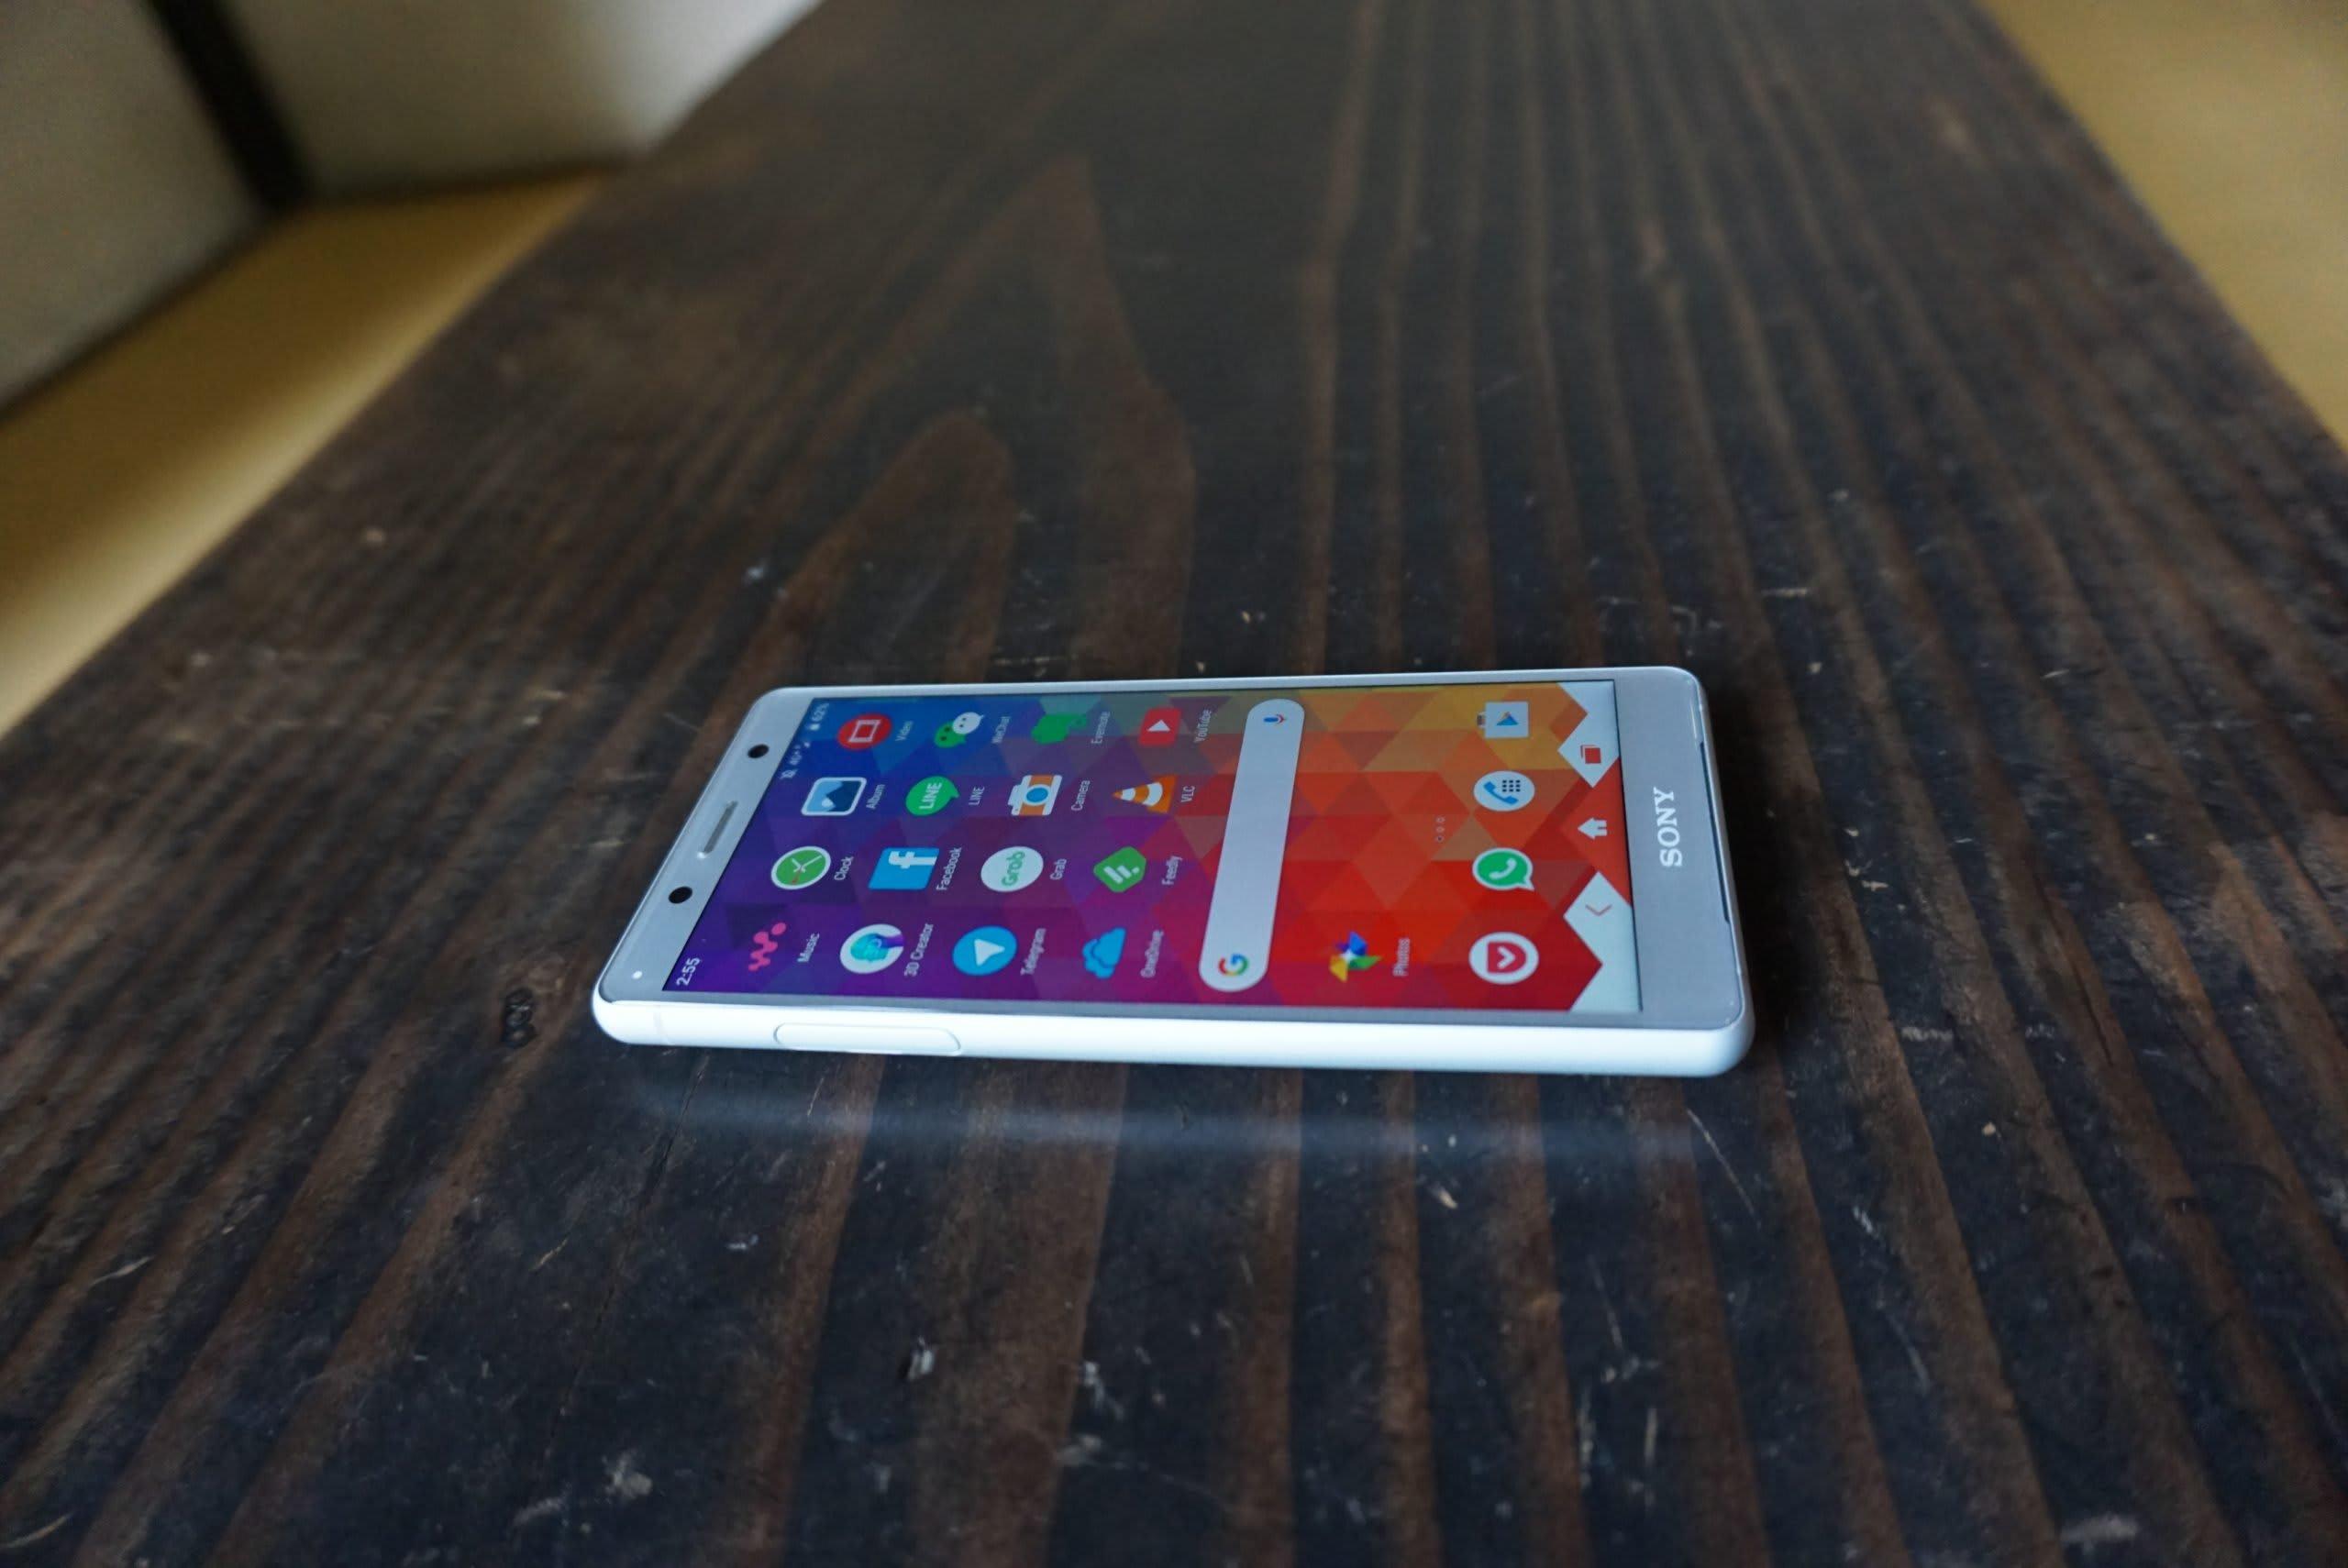 【Android】- SONY Xperia XZ2 compact心得 - 周年篇